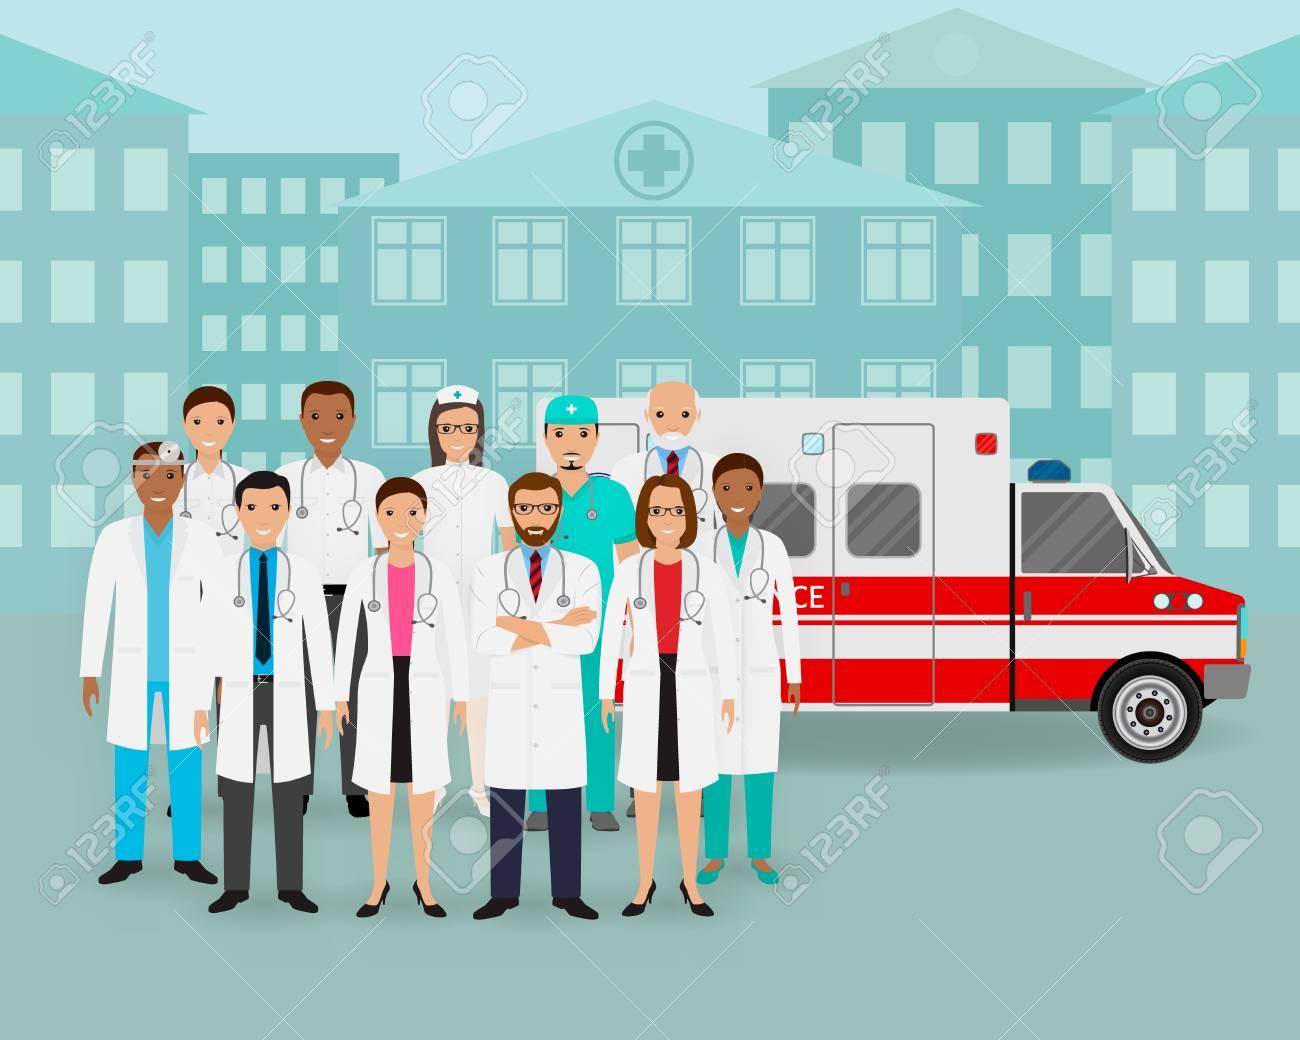 医療チームは.医師と看護師、街並みの背景に救急車車のグループ。男性 ...